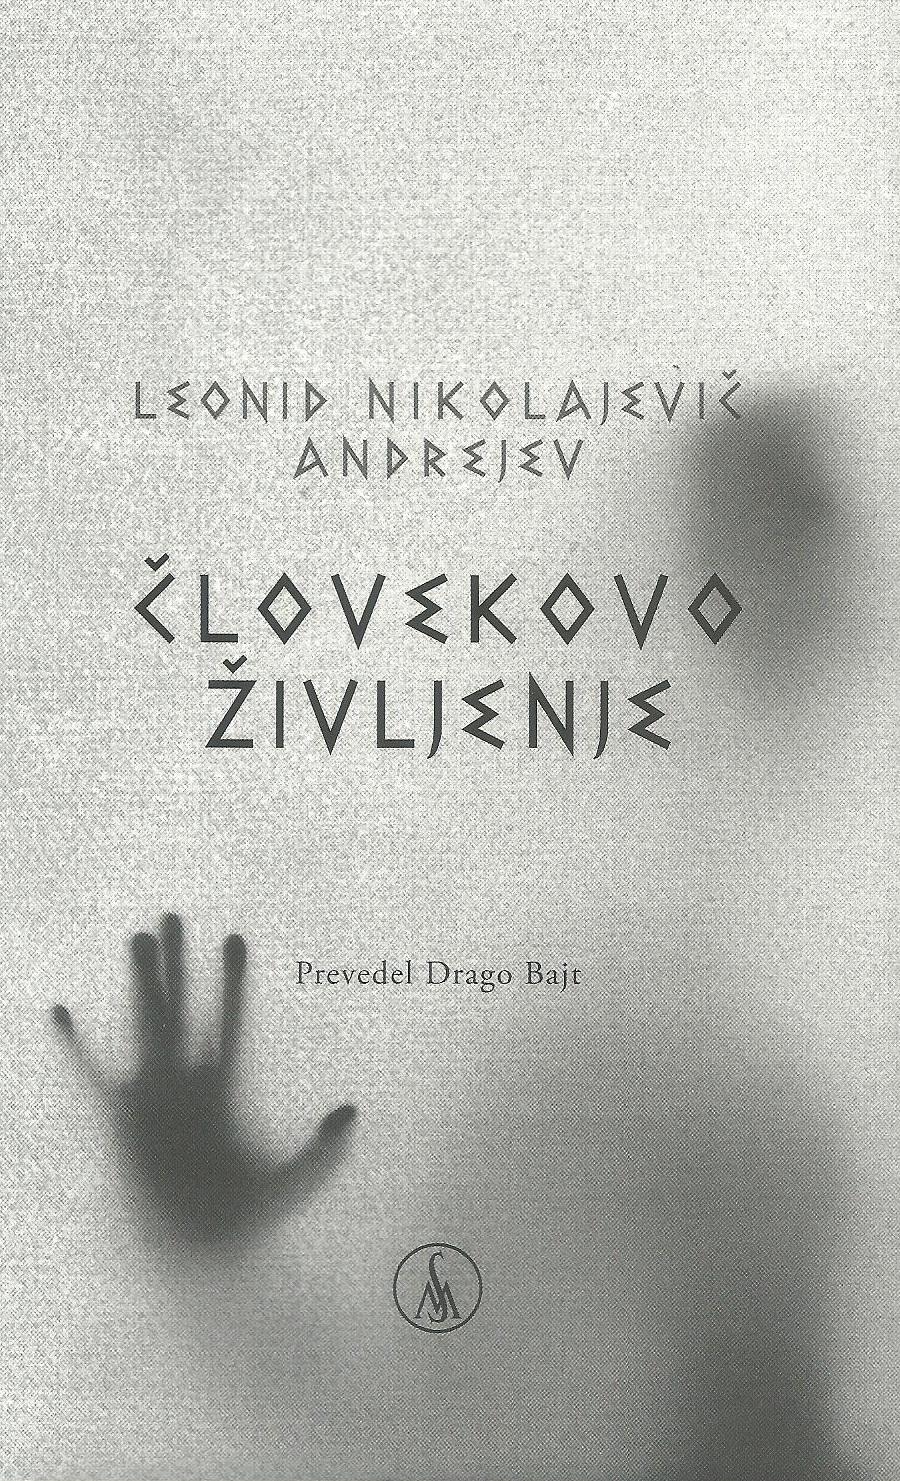 Predstavitev knjige Človekovo življenje, Leonida Nikolajeviča Andrejeva